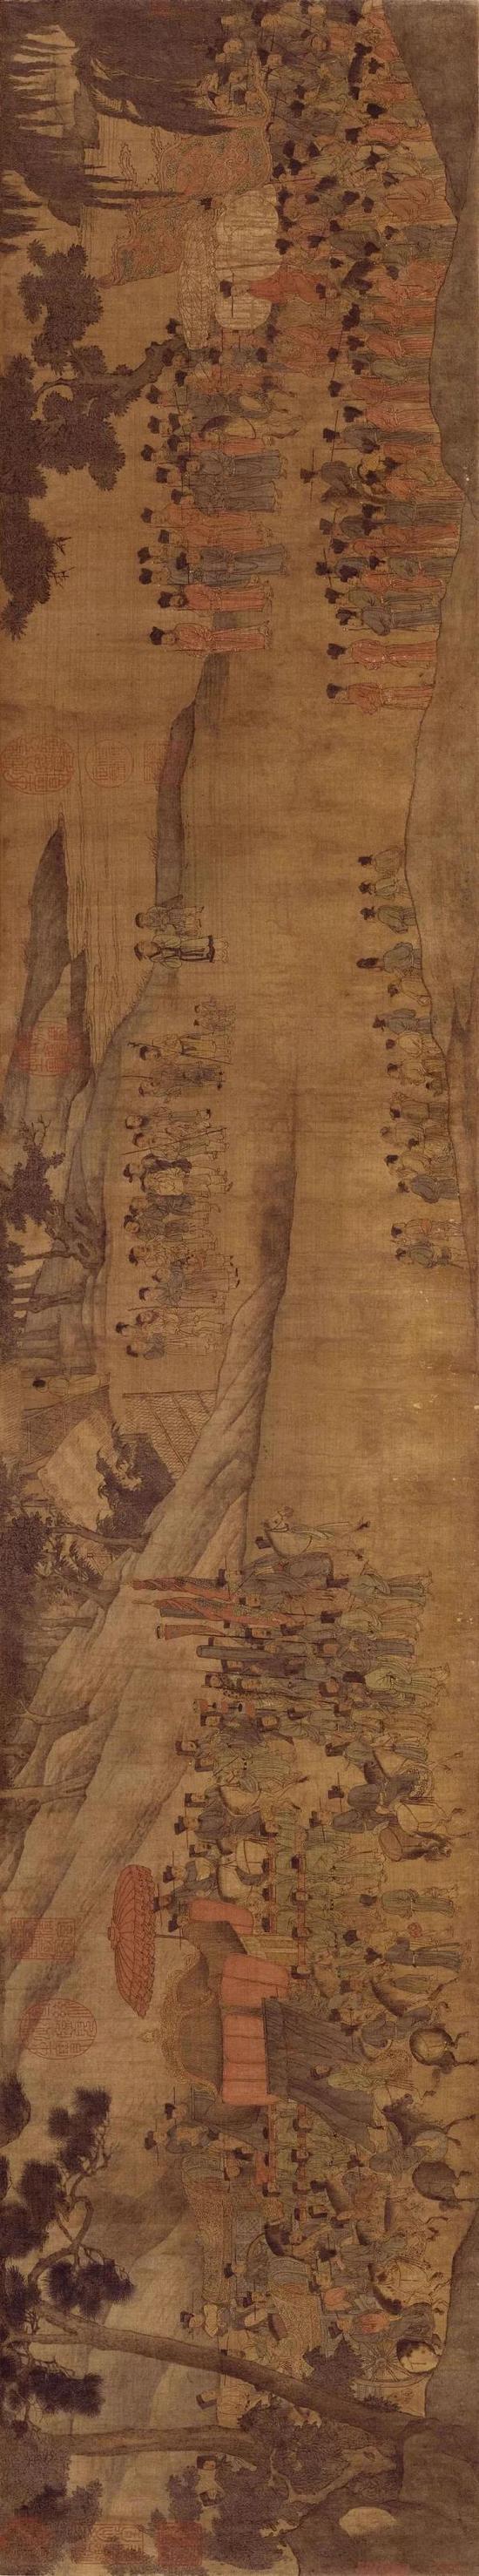 宋《人物故事图》所绘故事是否为迎接徽宗梓宫